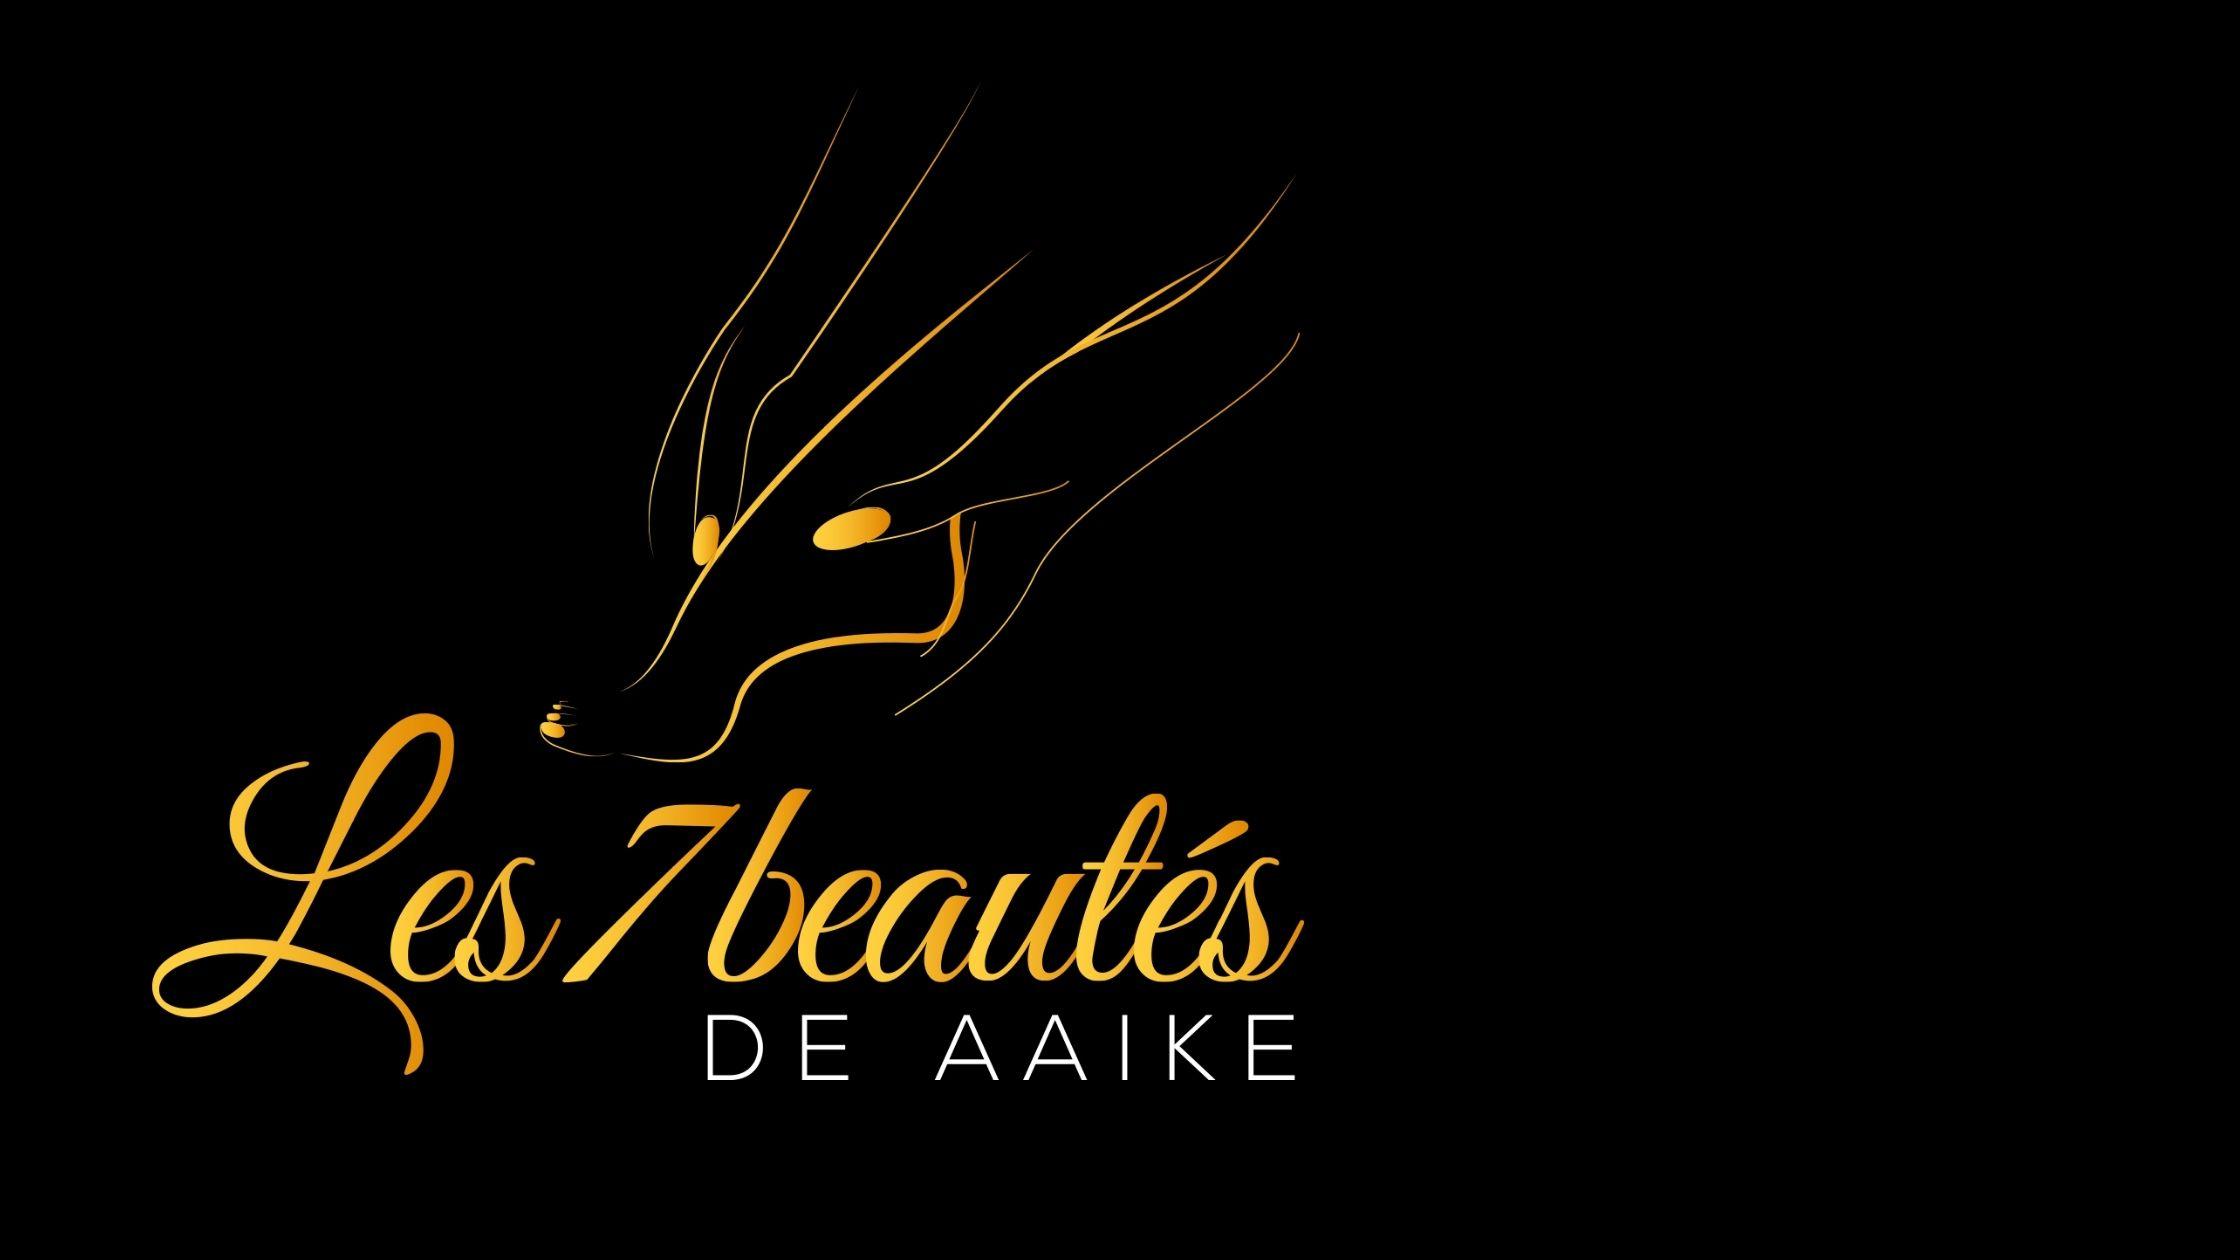 Les7beautesdeaaike